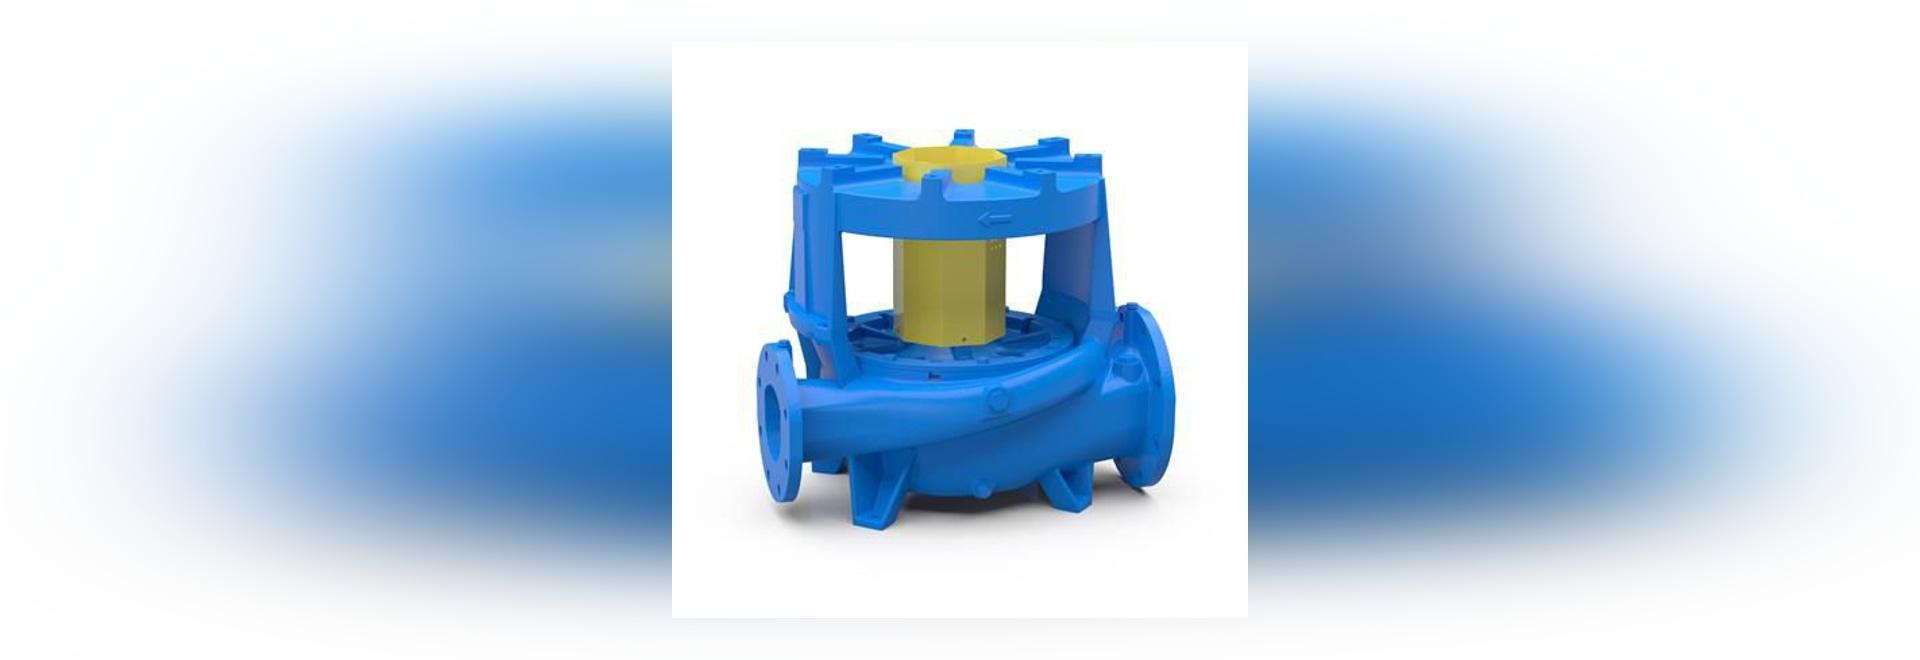 NEW: ship pump by Wärtsilä Corporation